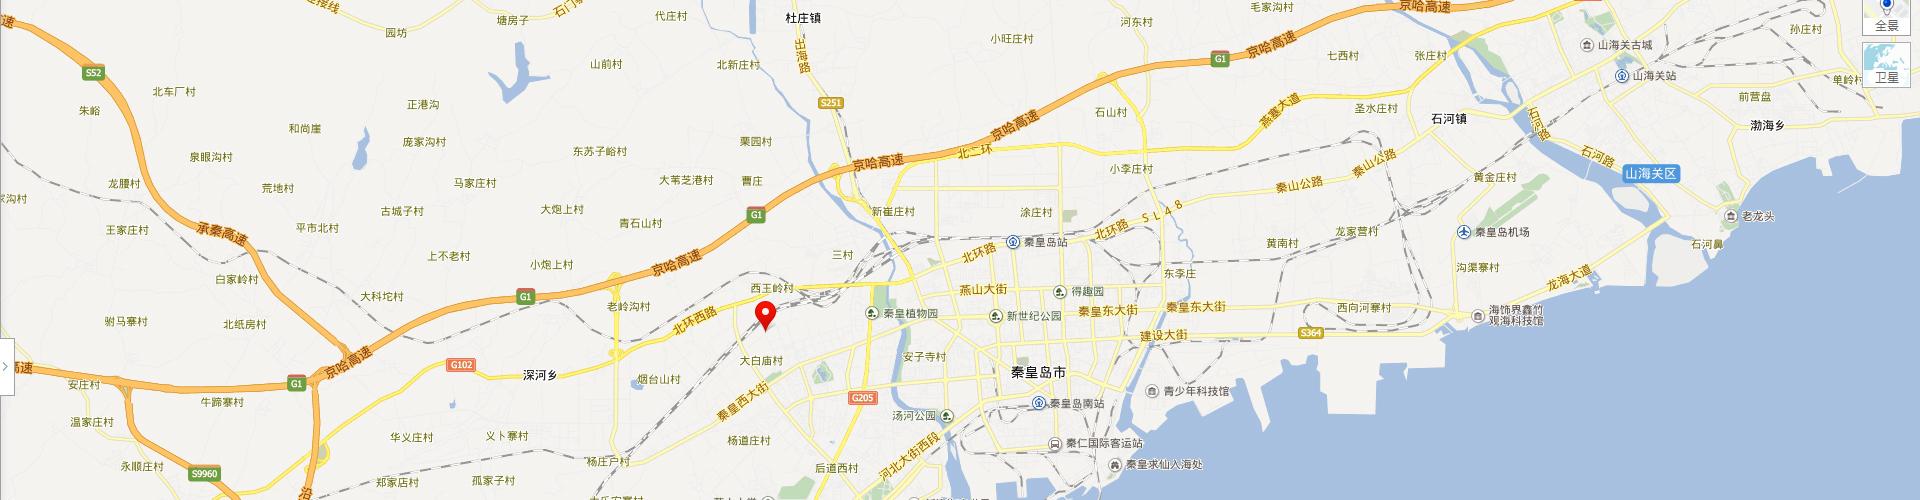 北京机场至集团 山海关机场至集团 北戴河火车站至集团 秦皇岛火车站